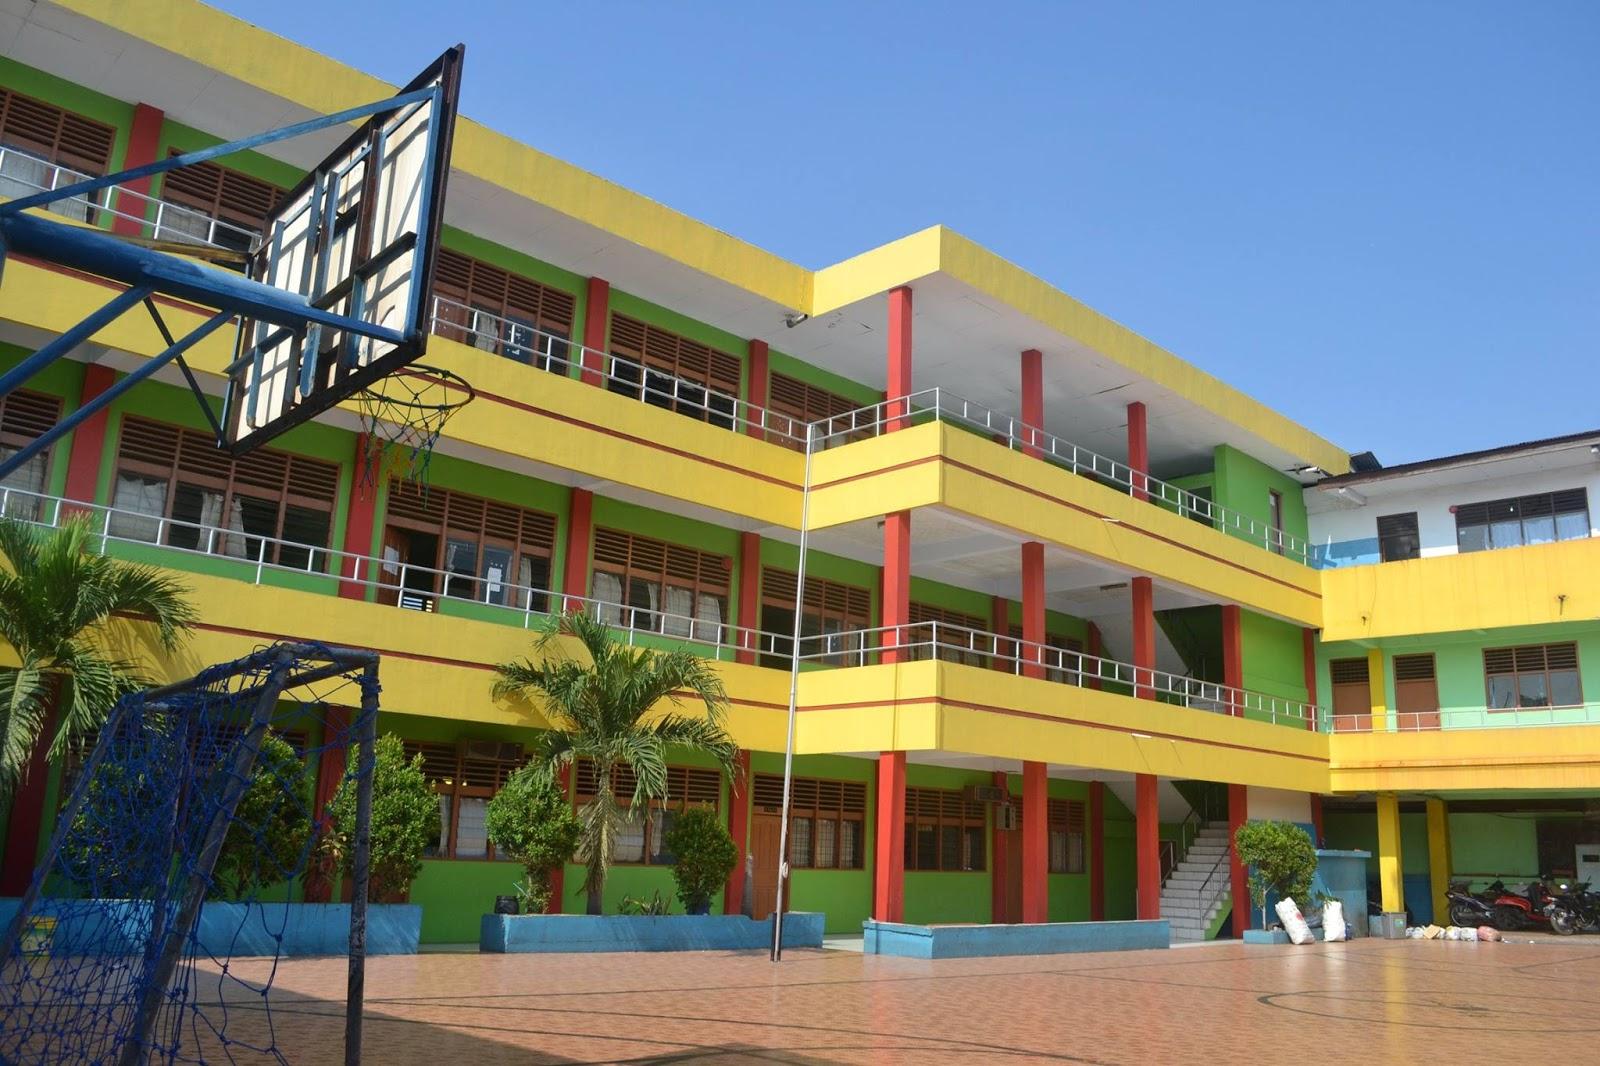 33 Gambar Gedung Sekolah Minimalis Modern - Model Desain ...